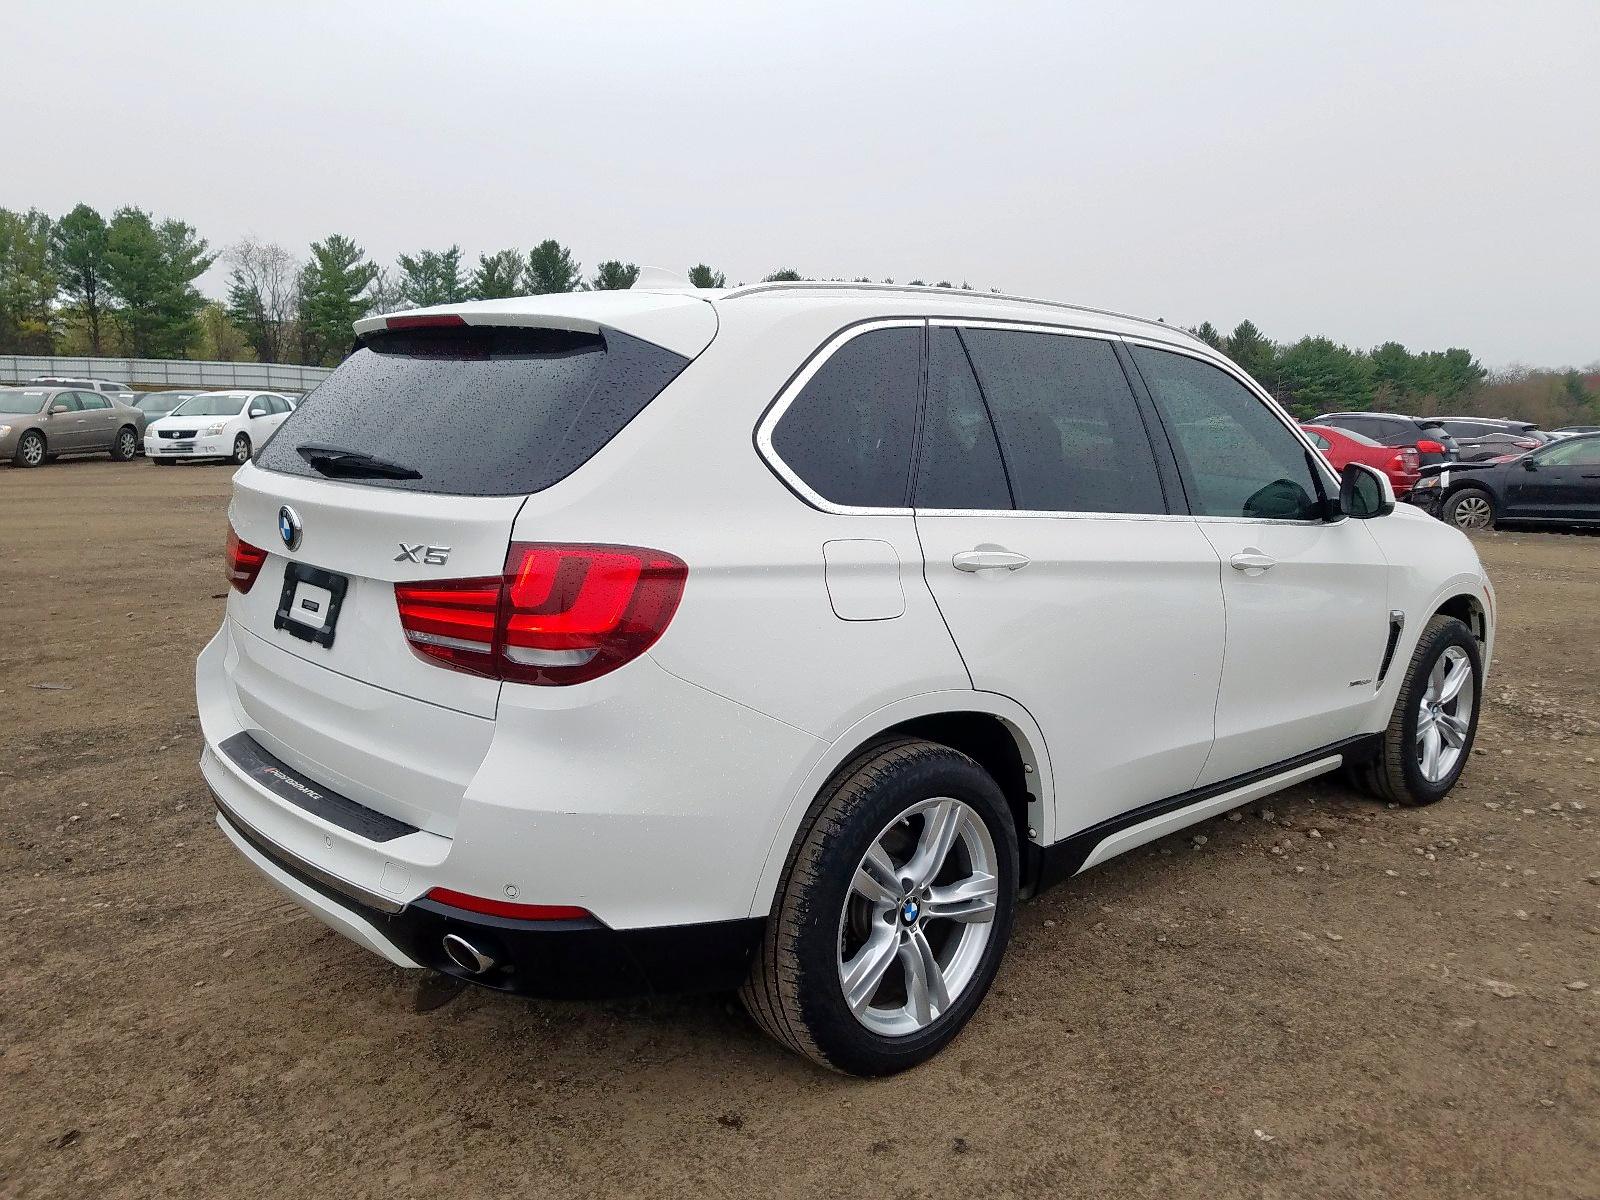 5UXKS4C54E0C07176 - 2014 Bmw X5 Xdrive3 3.0L rear view